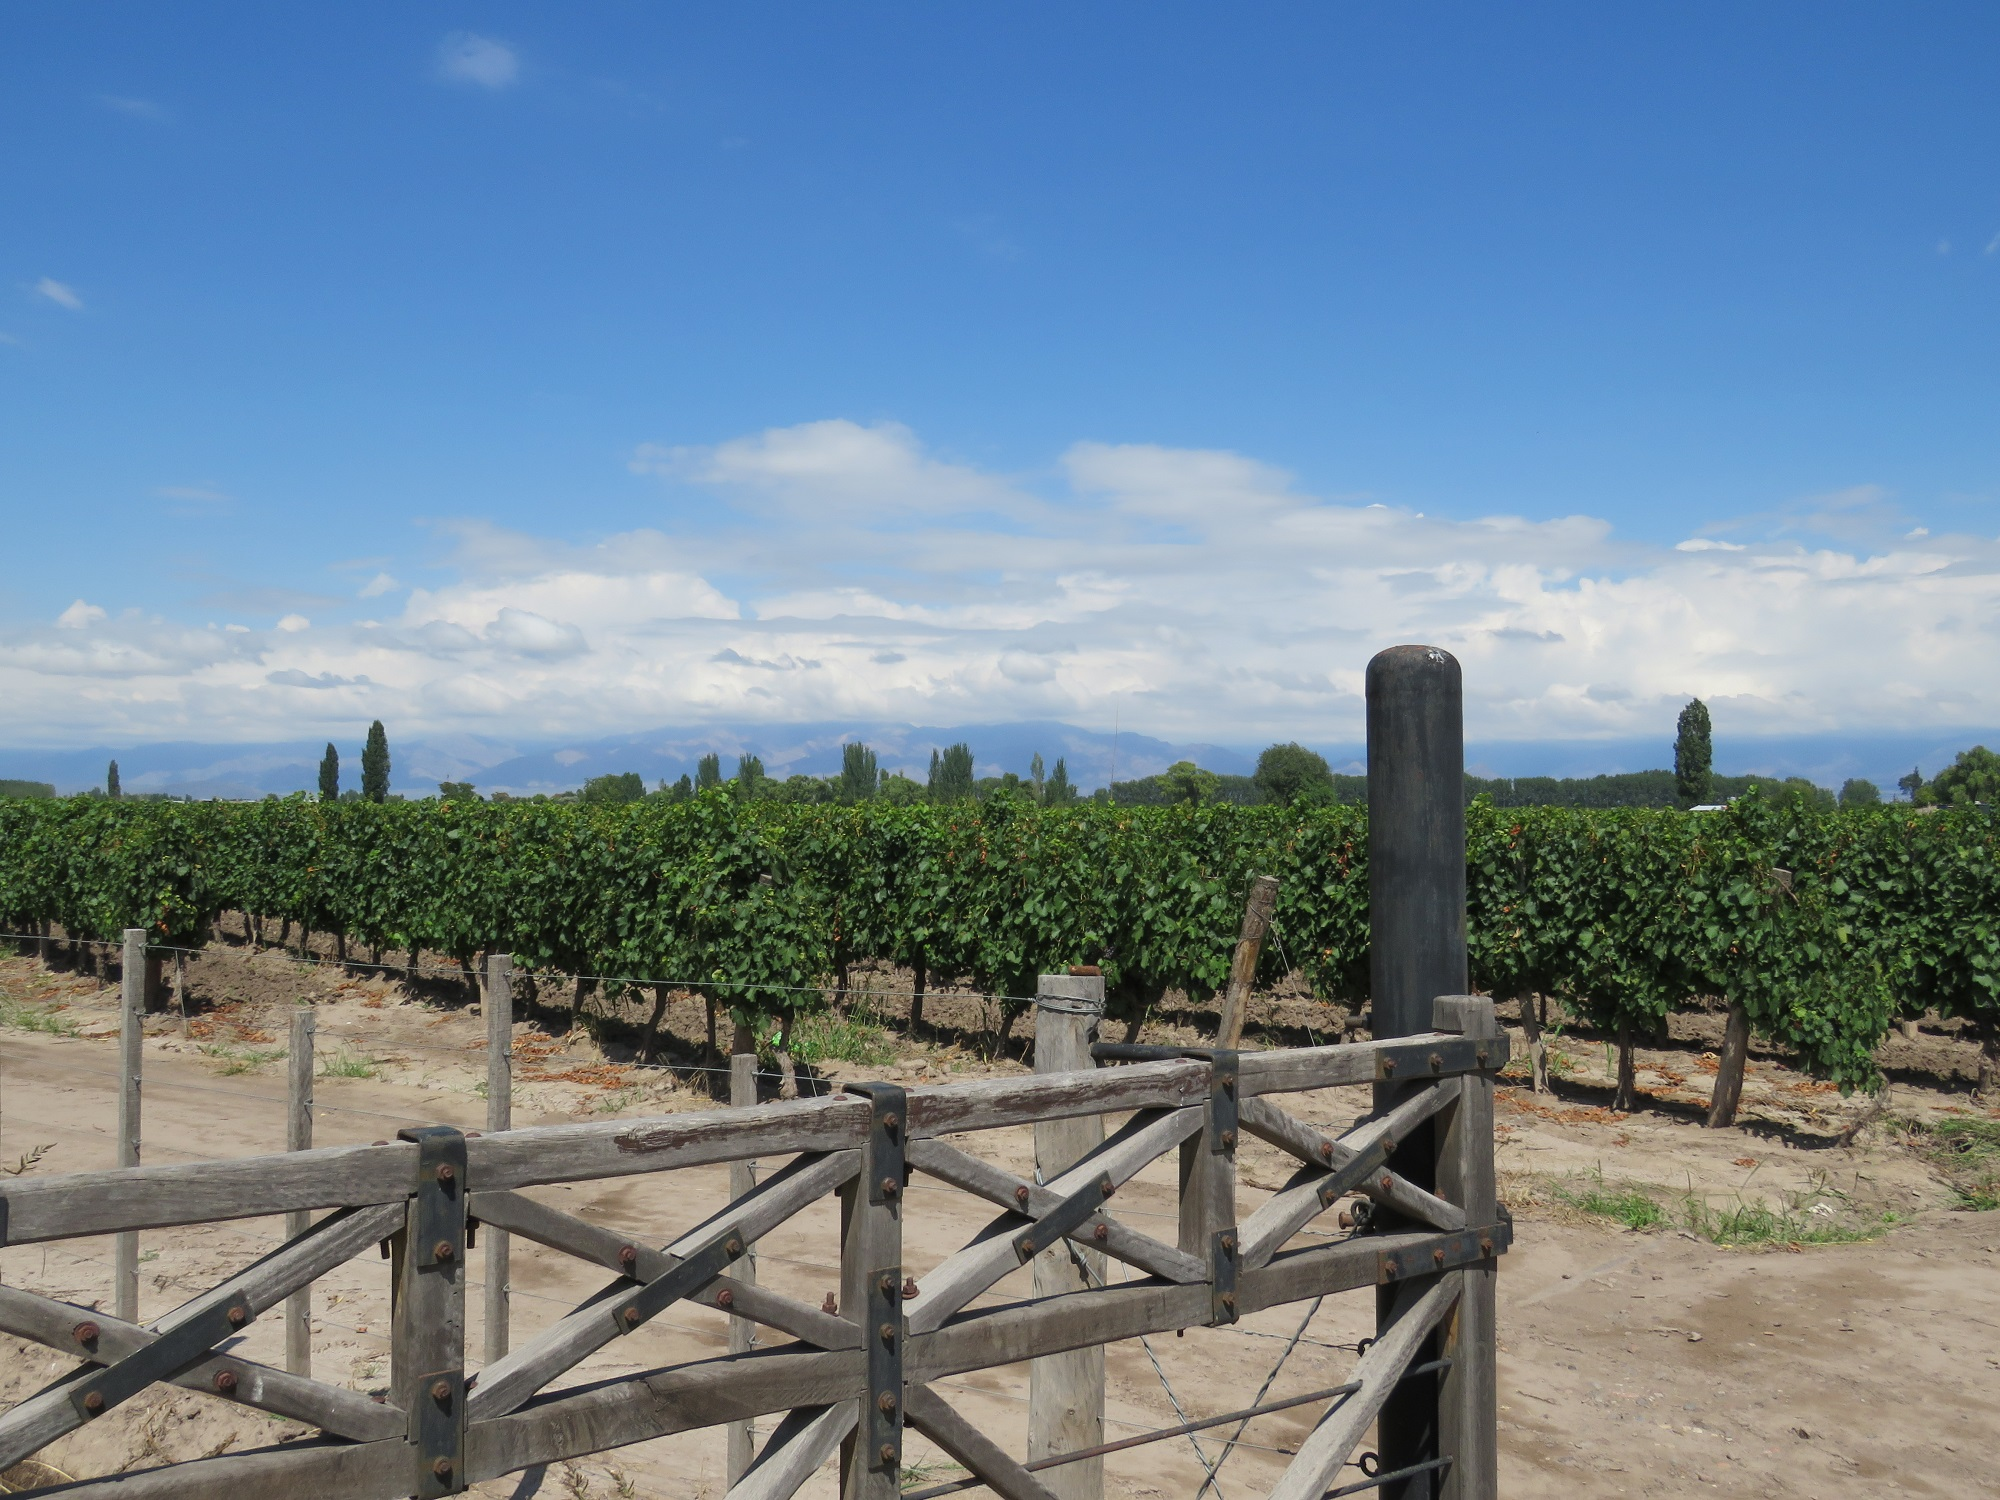 Wijn proeven in Argentinië